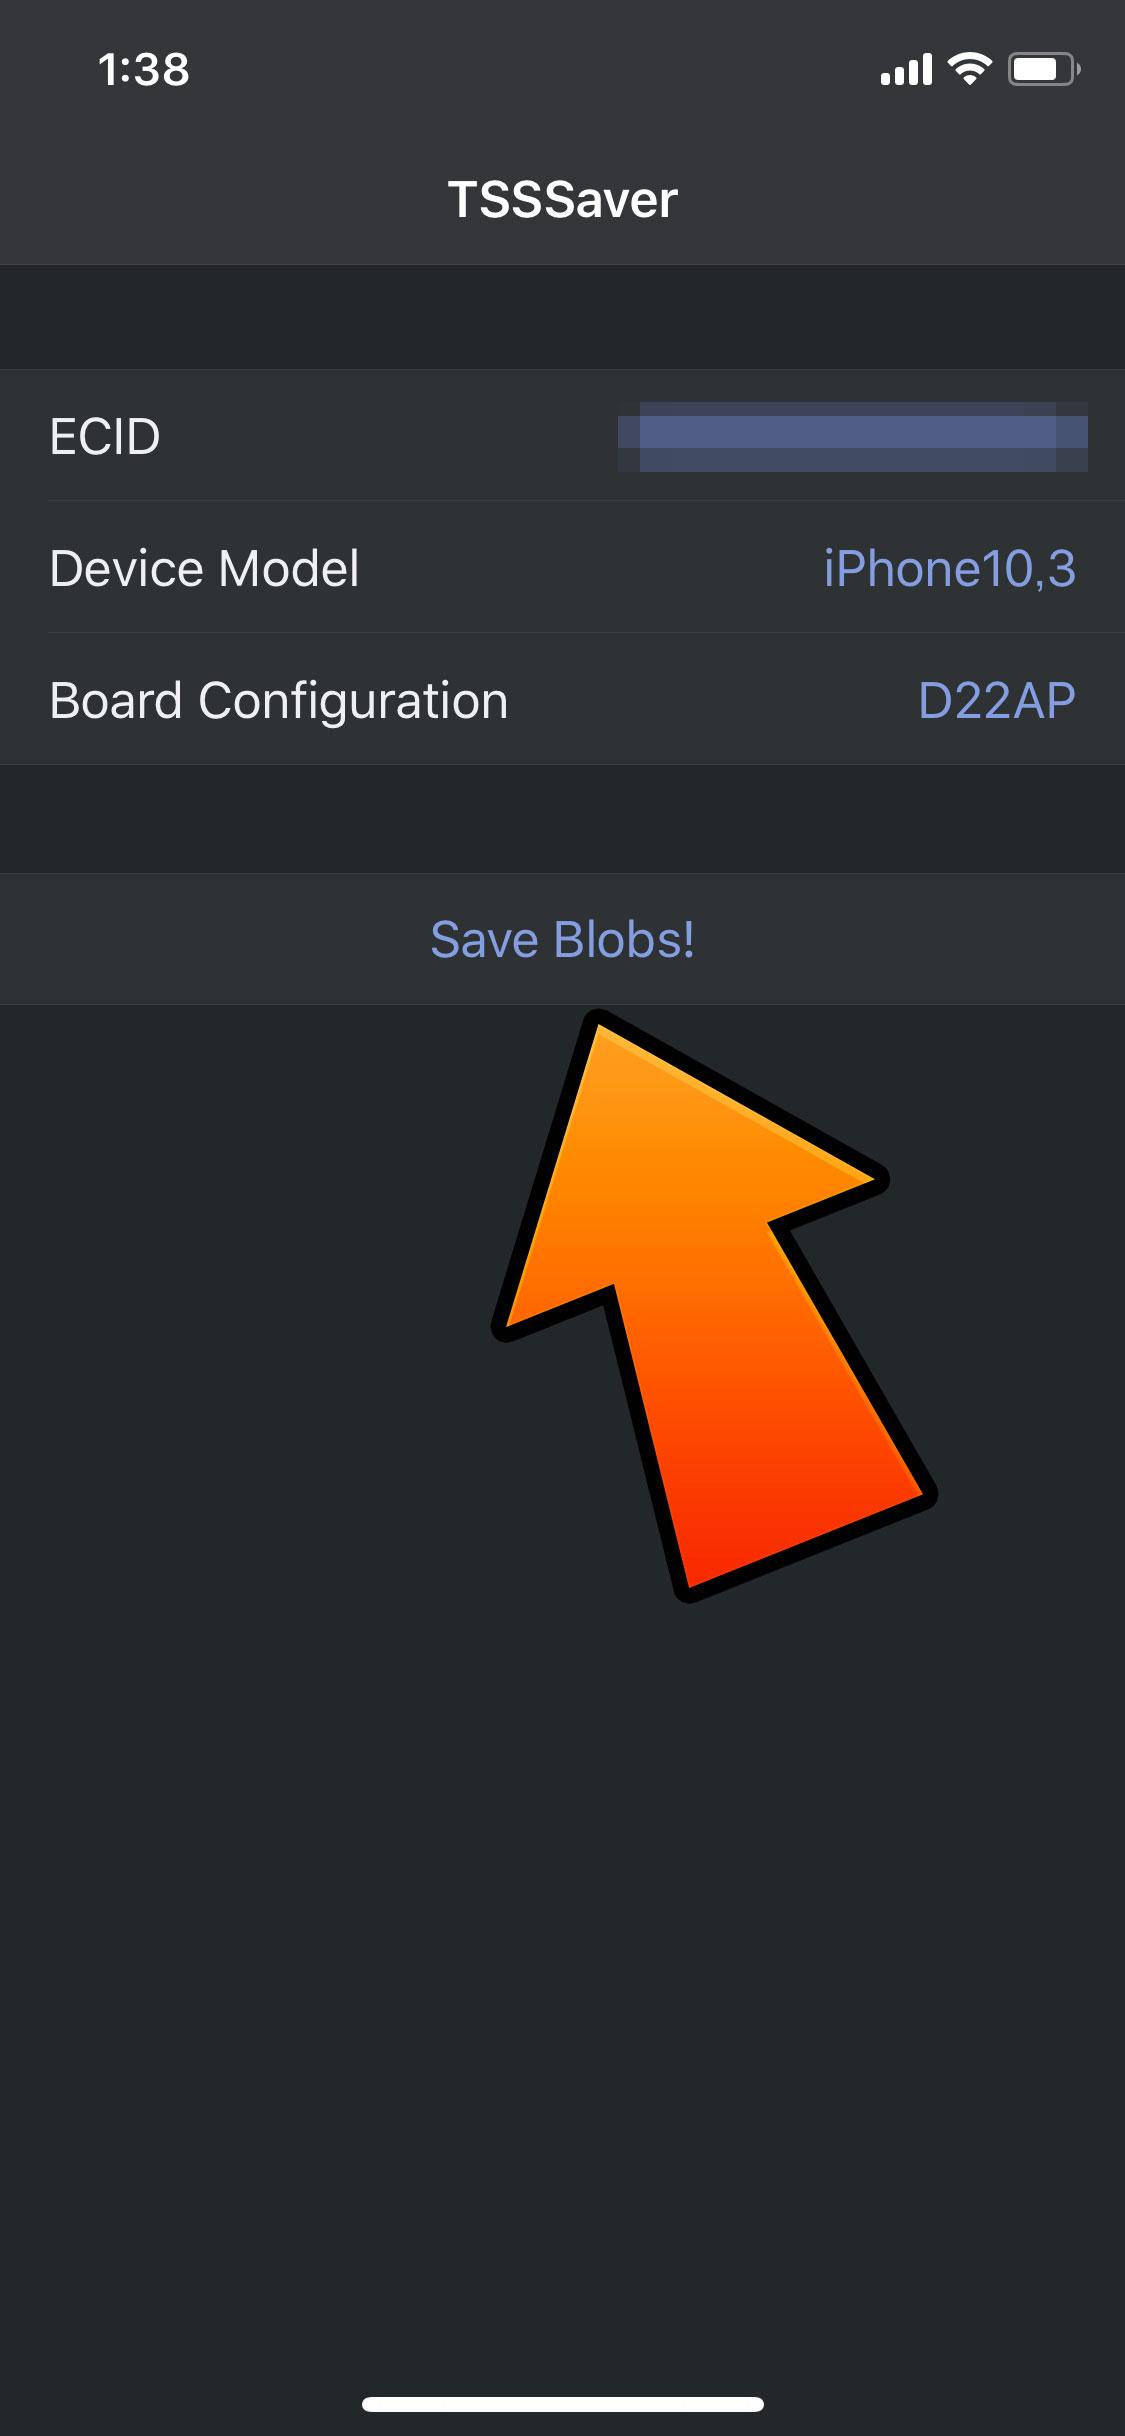 iOS] SHSHを取得・保存する方法!「TSS Saver編」 | Tools 4 Hack